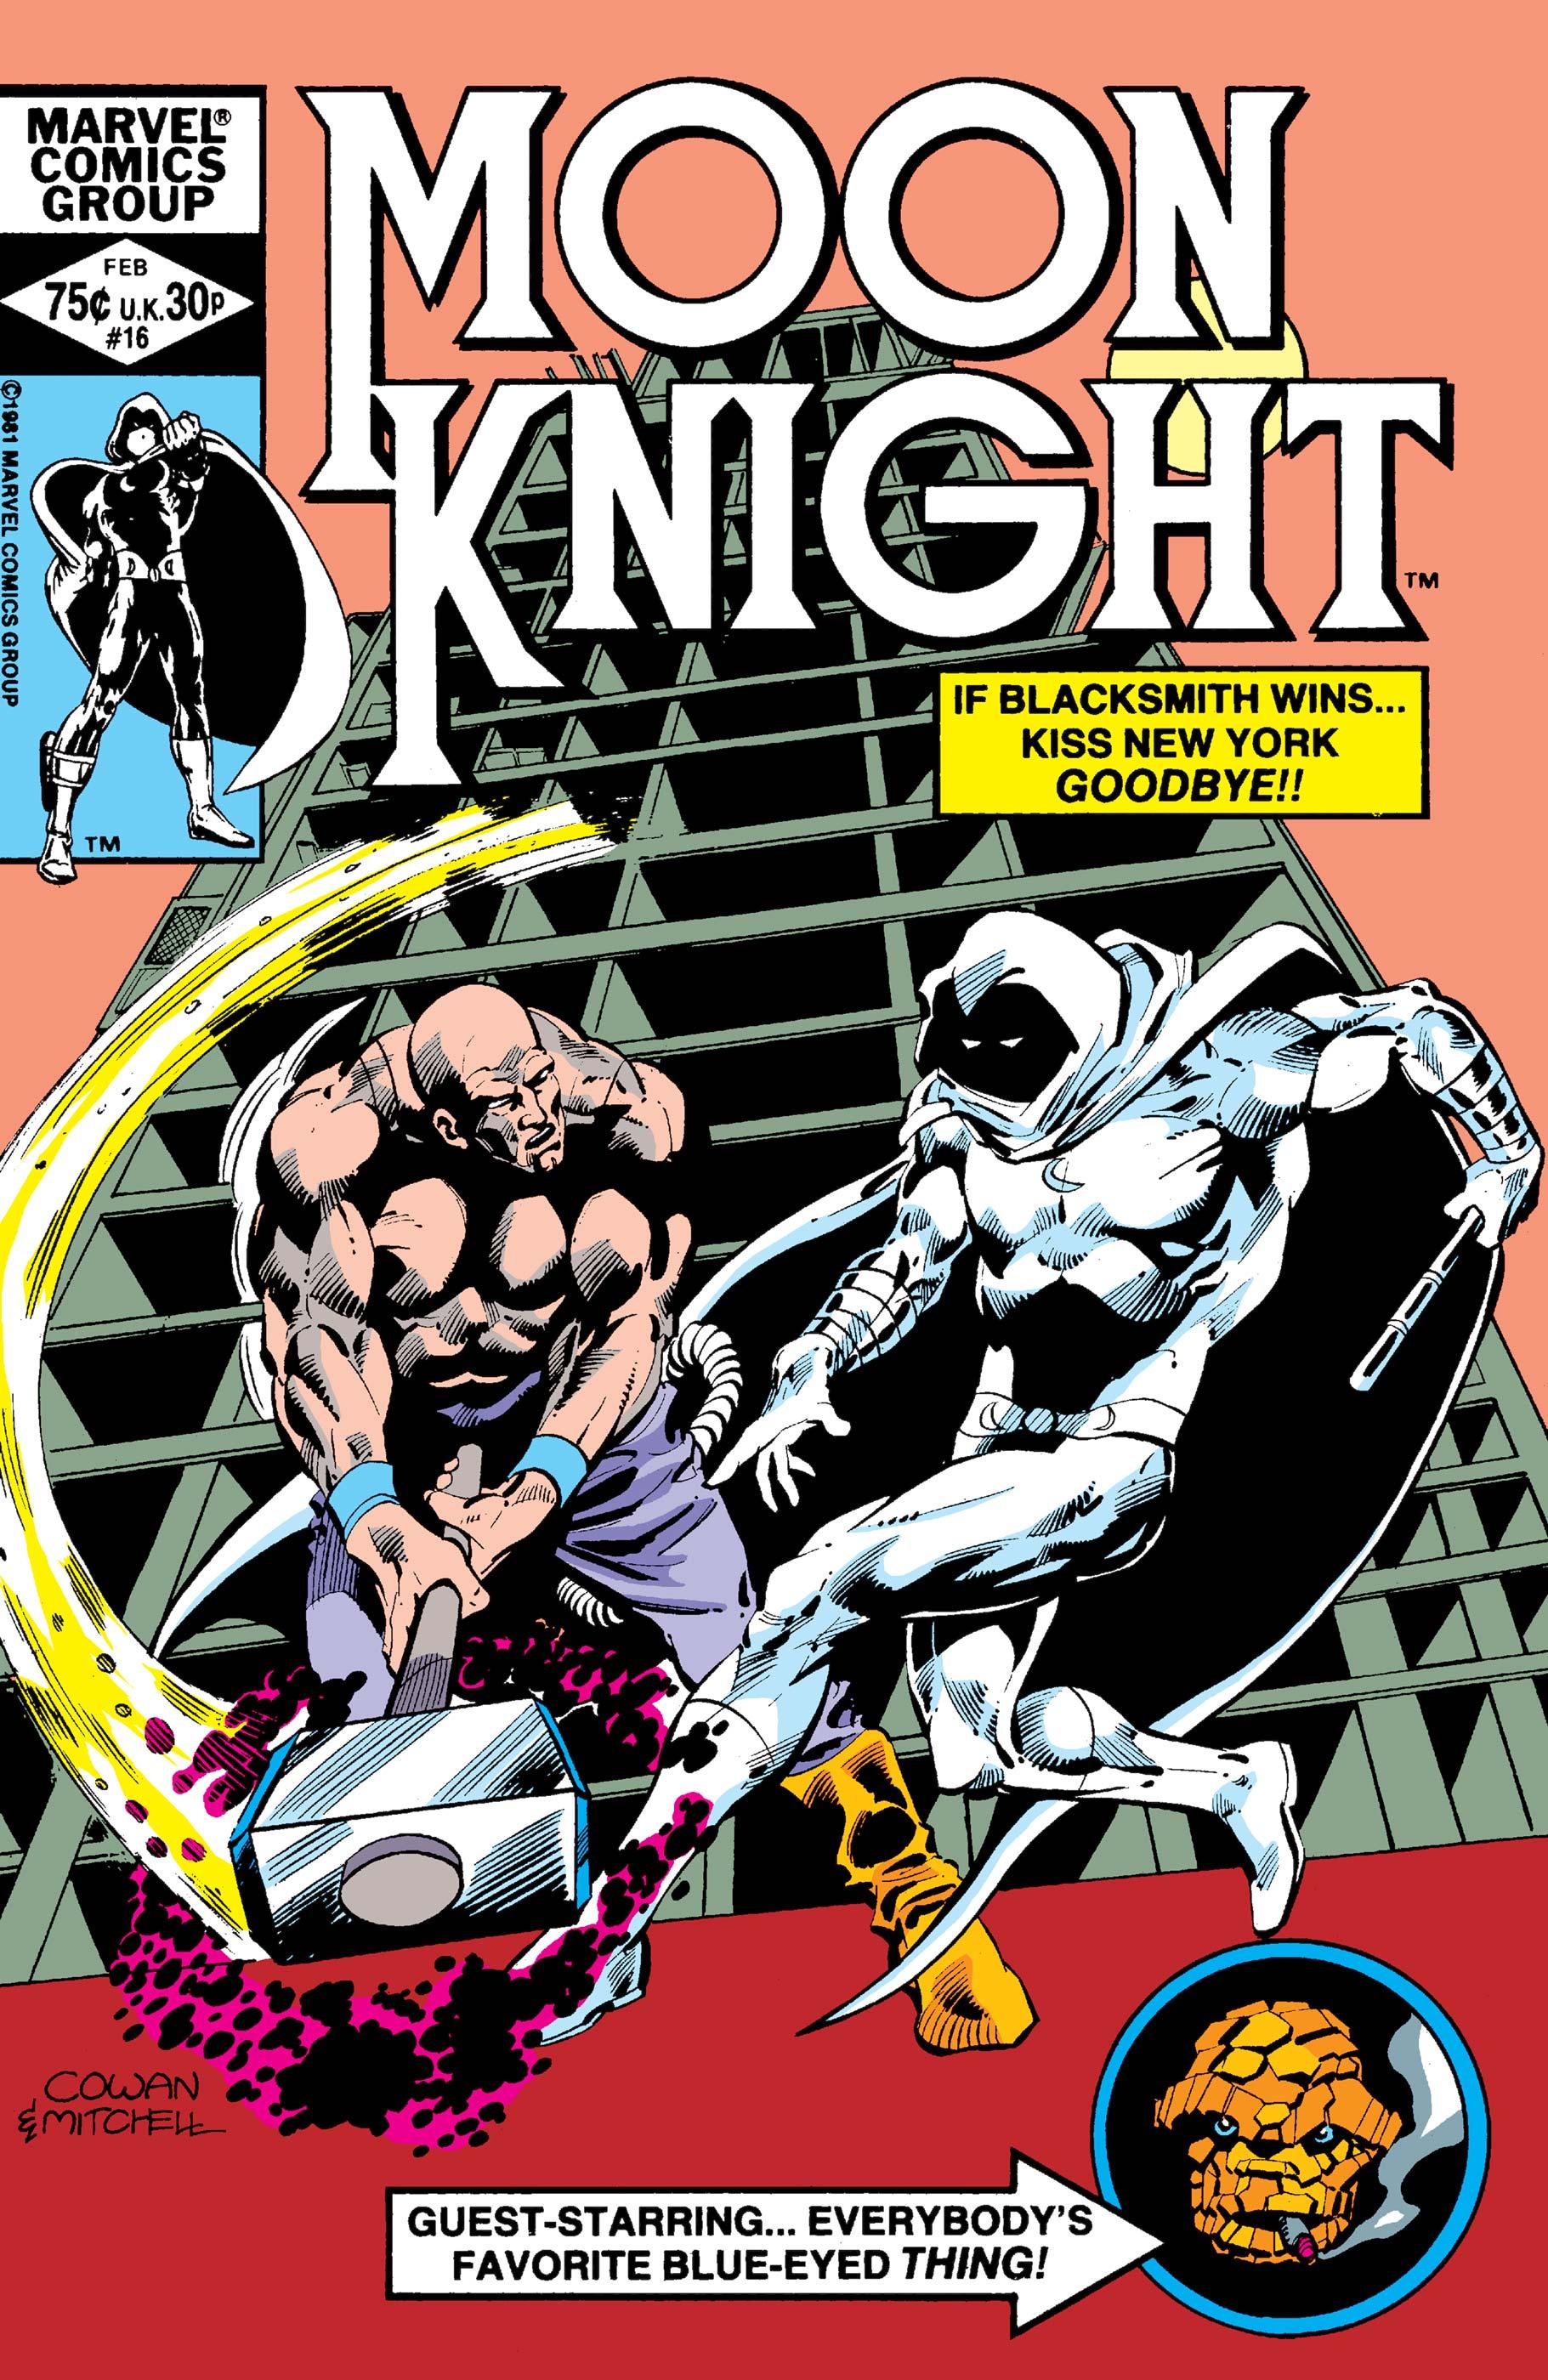 Moon Knight (1980) #16